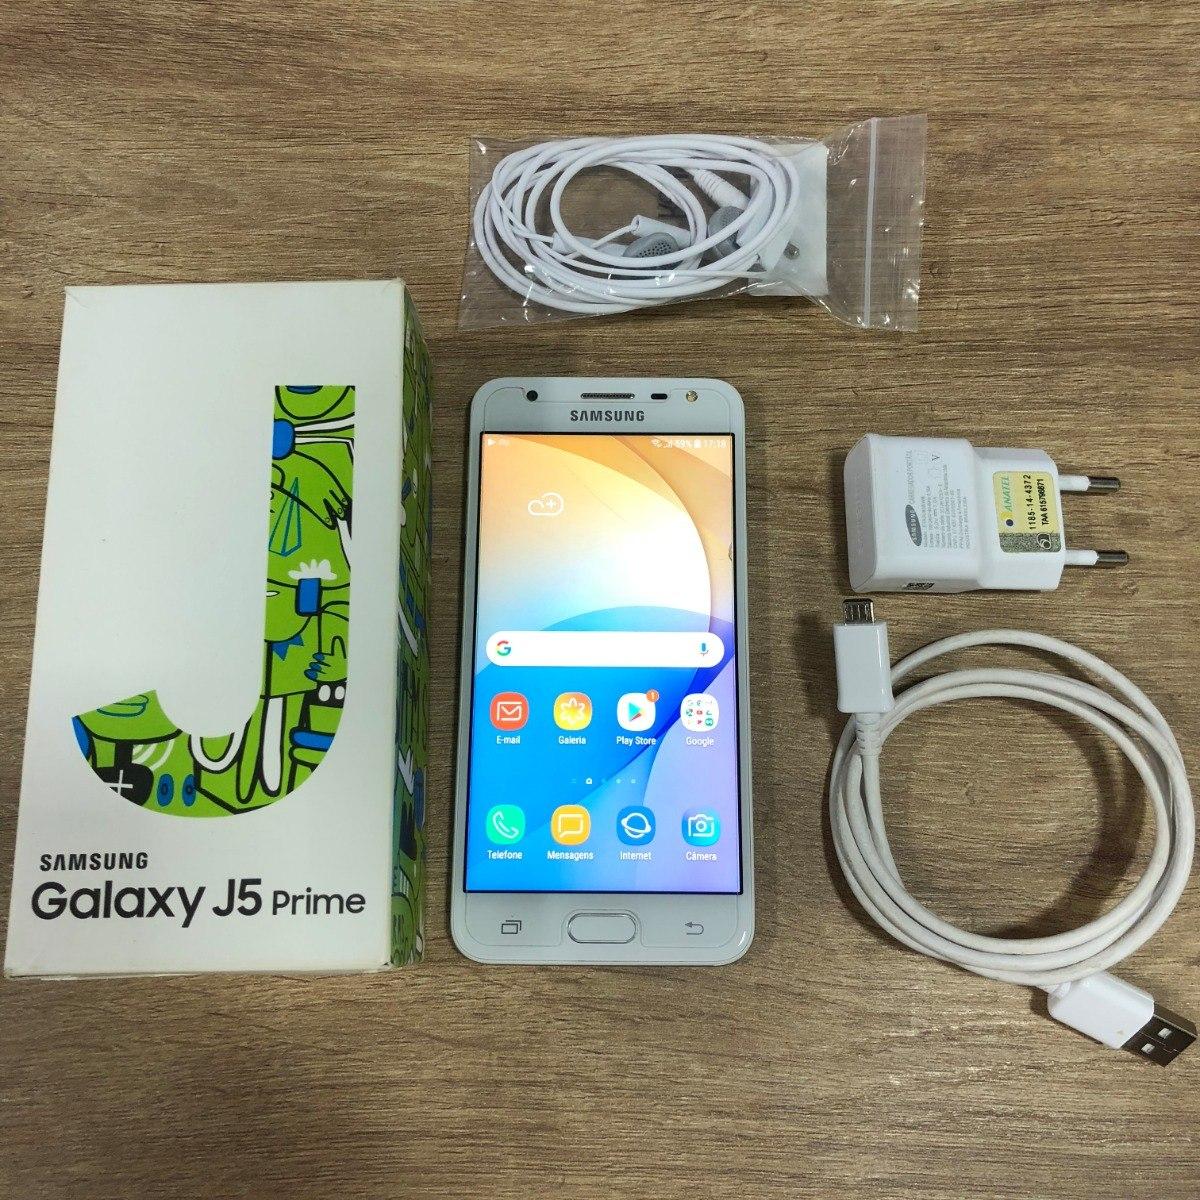 1867e58e1 ... Smartphone Samsung Galaxy J7 Prime Duos Dourado Com 32gb E Bom  Smartphone Samsung Galaxy J5 Prime ...